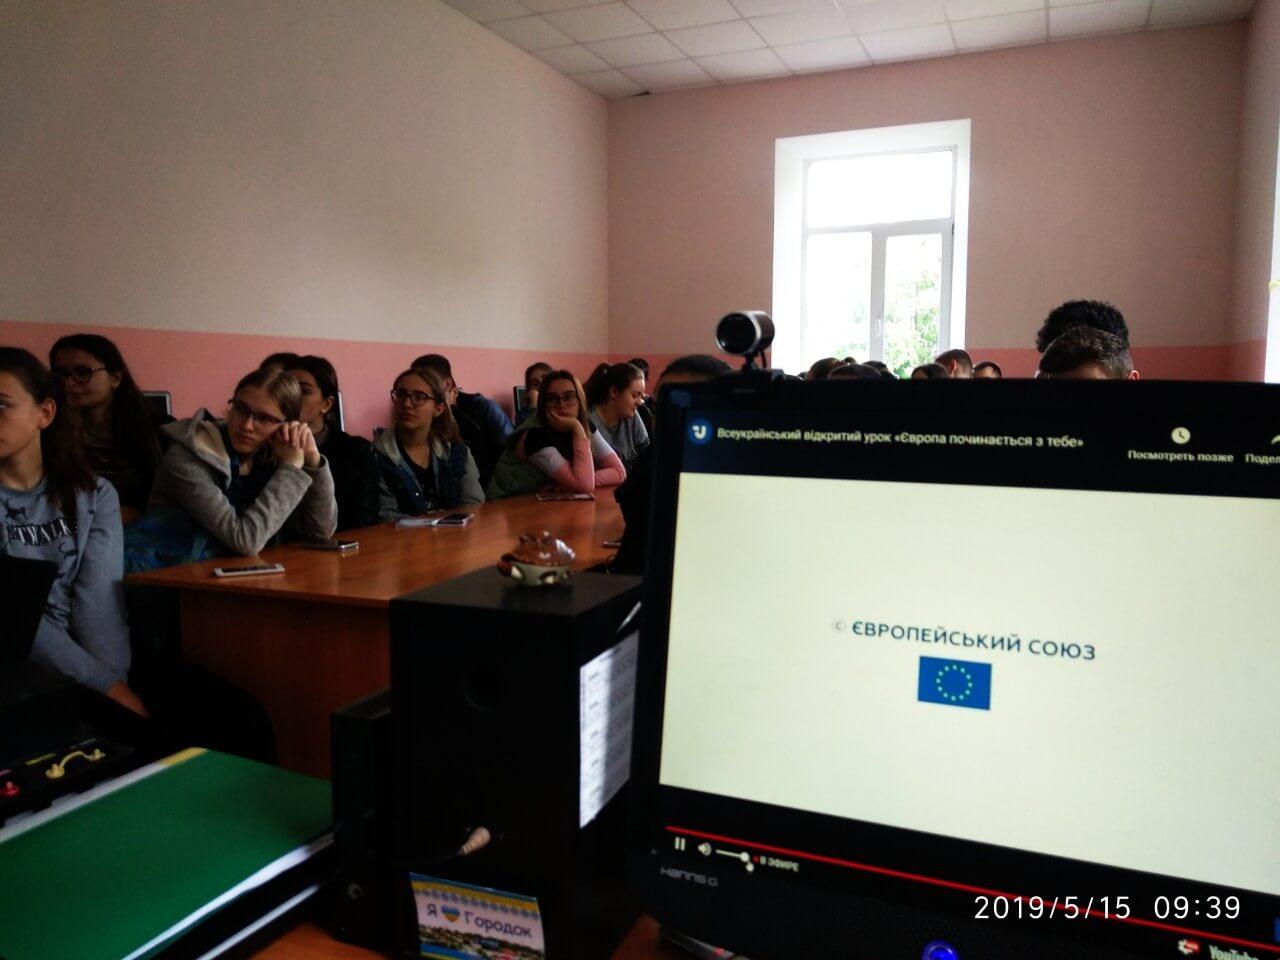 """viber image 2019 05 15 14.35.17 - Всеукраїнський онлайн-урок """"Європа починається з тебе"""""""